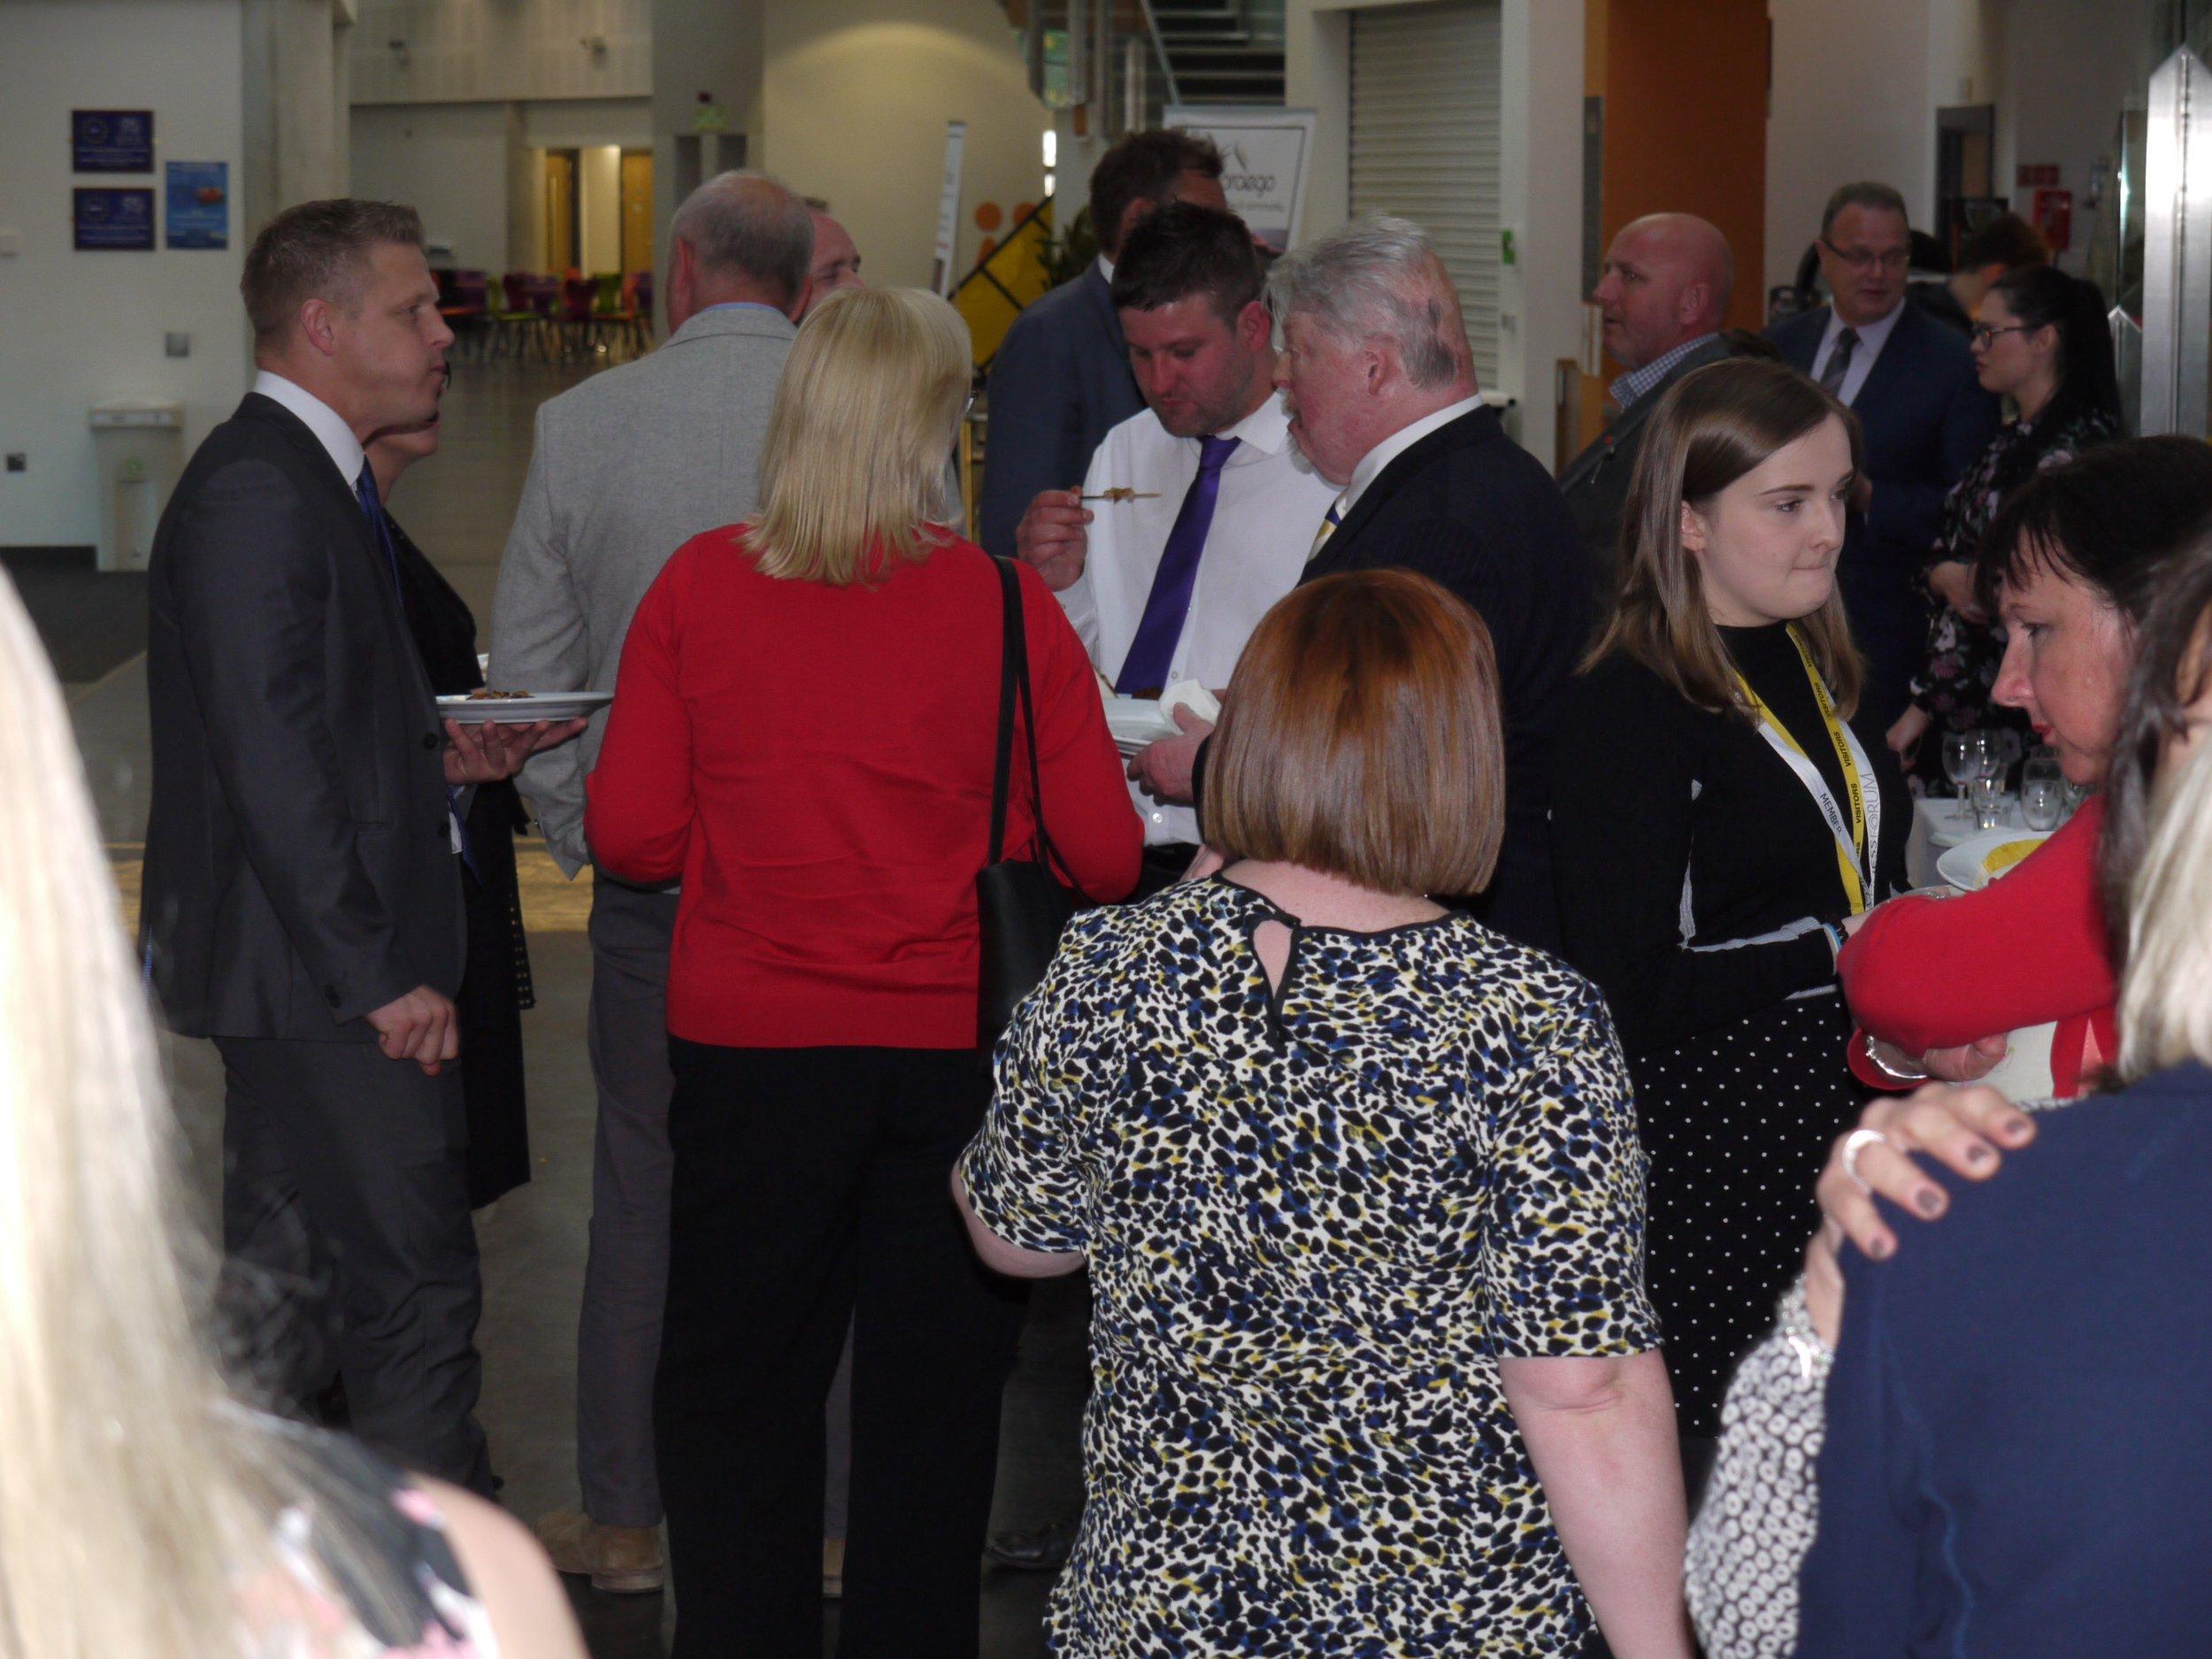 caerphilly business forum crowd